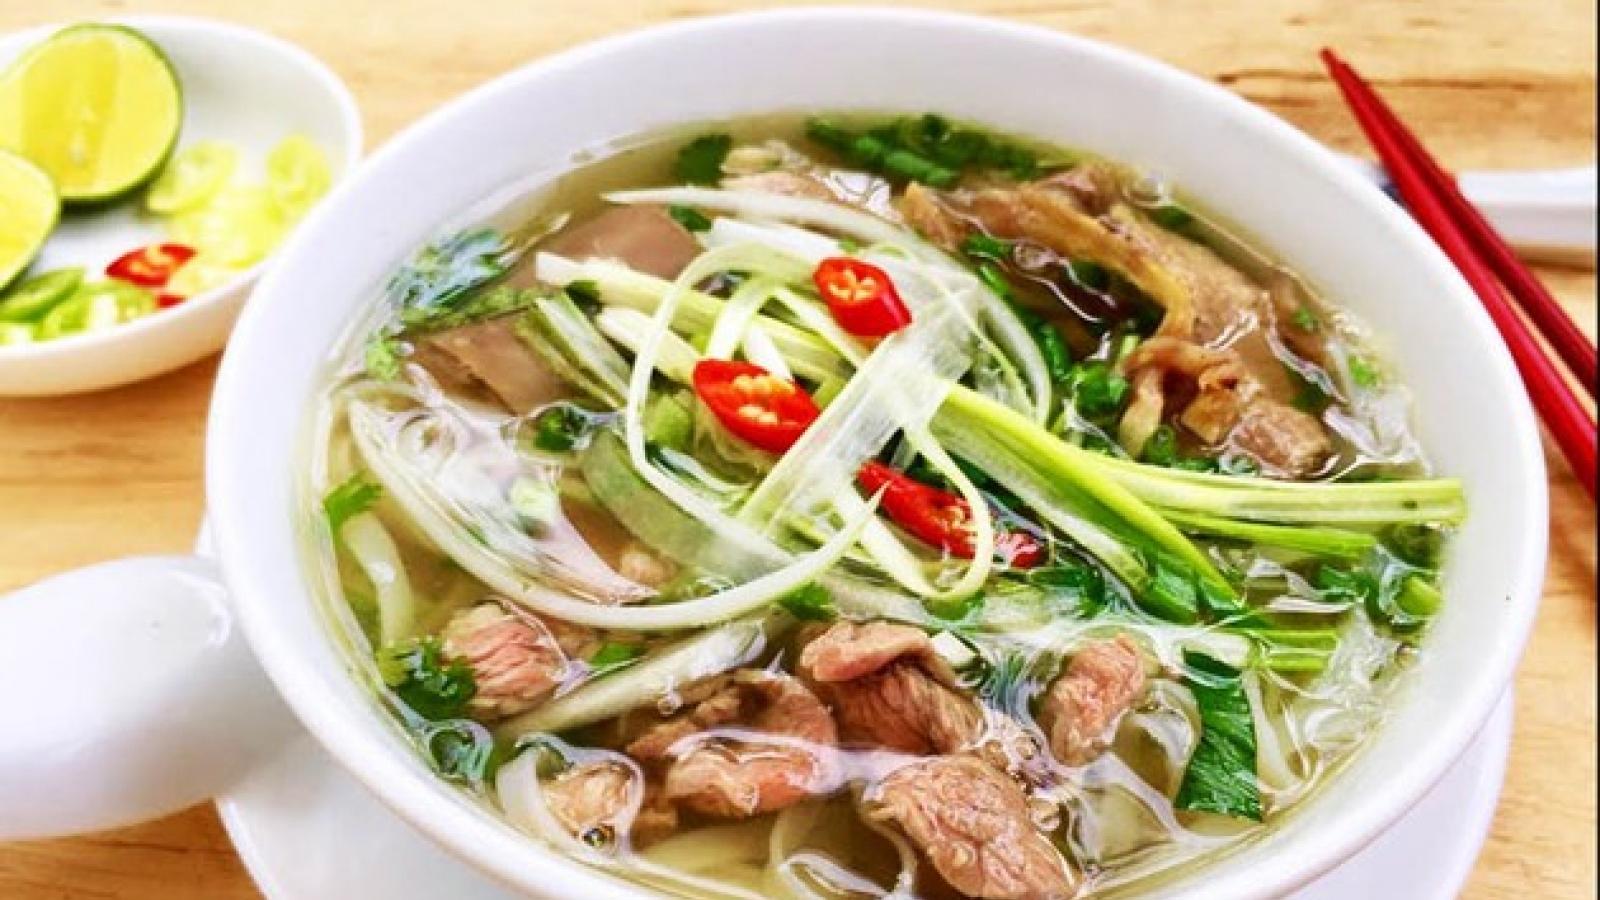 Phở - Gói văn hóa Việtvươn tầm thế giới